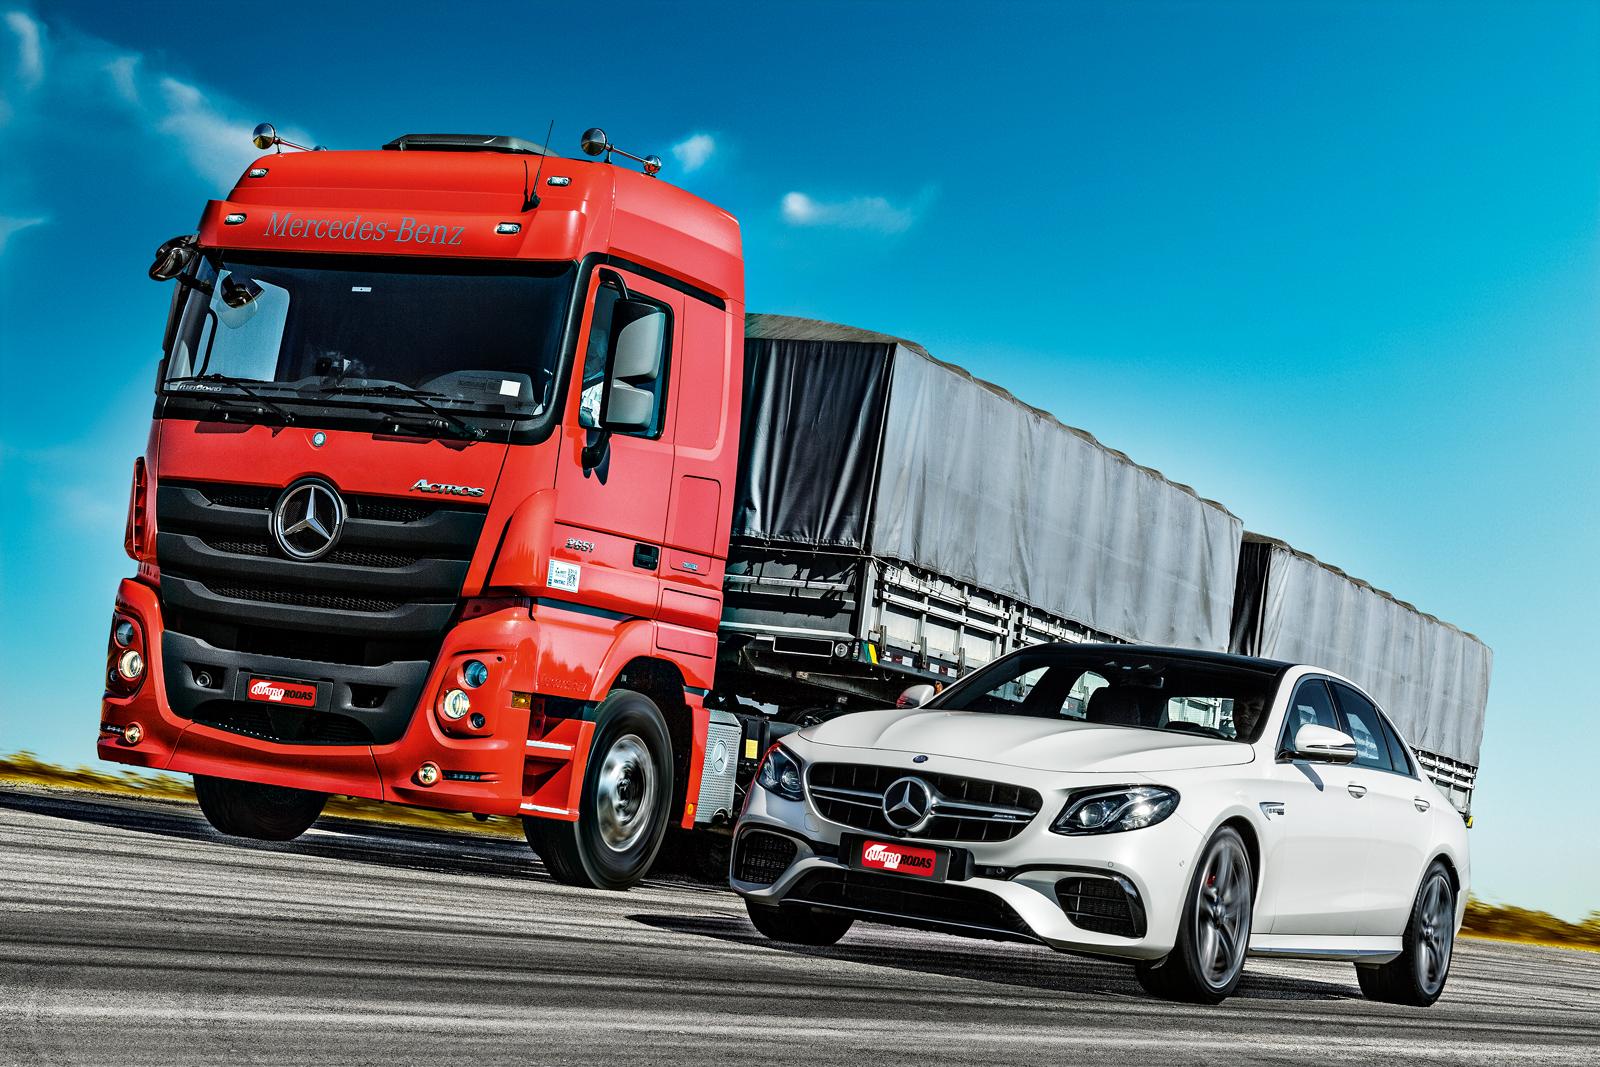 Mercedes-Benz Actros e Mercedes-AMG e 63 S